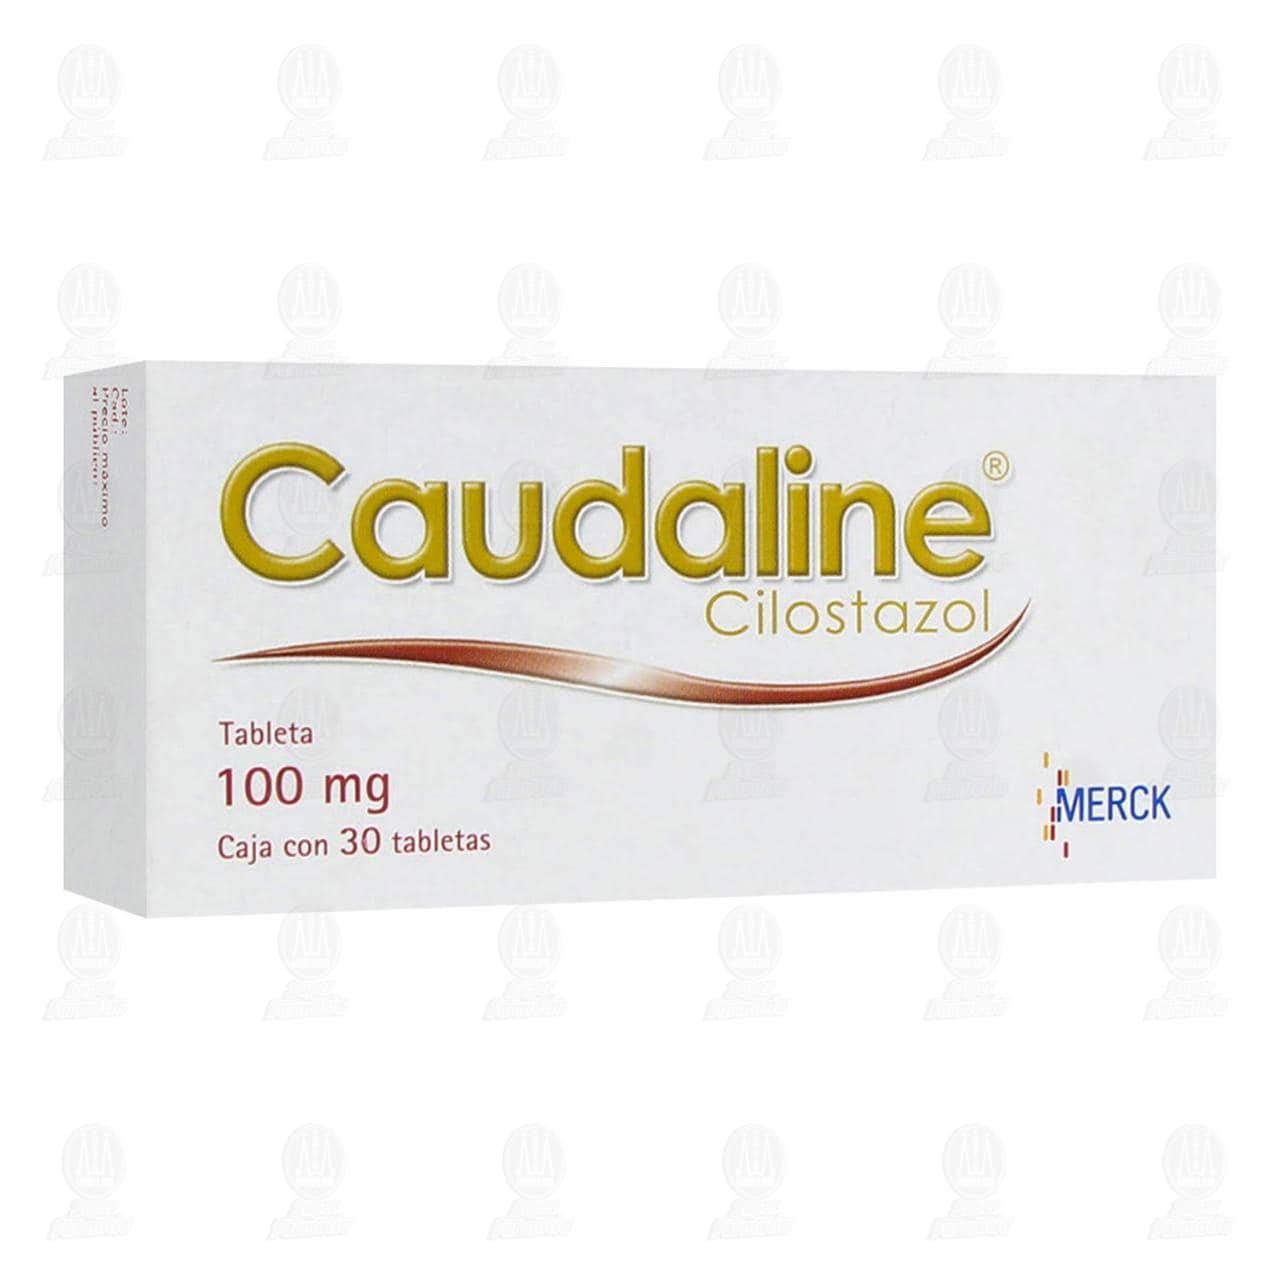 comprar https://www.movil.farmaciasguadalajara.com/wcsstore/FGCAS/wcs/products/1045946_A_1280_AL.jpg en farmacias guadalajara